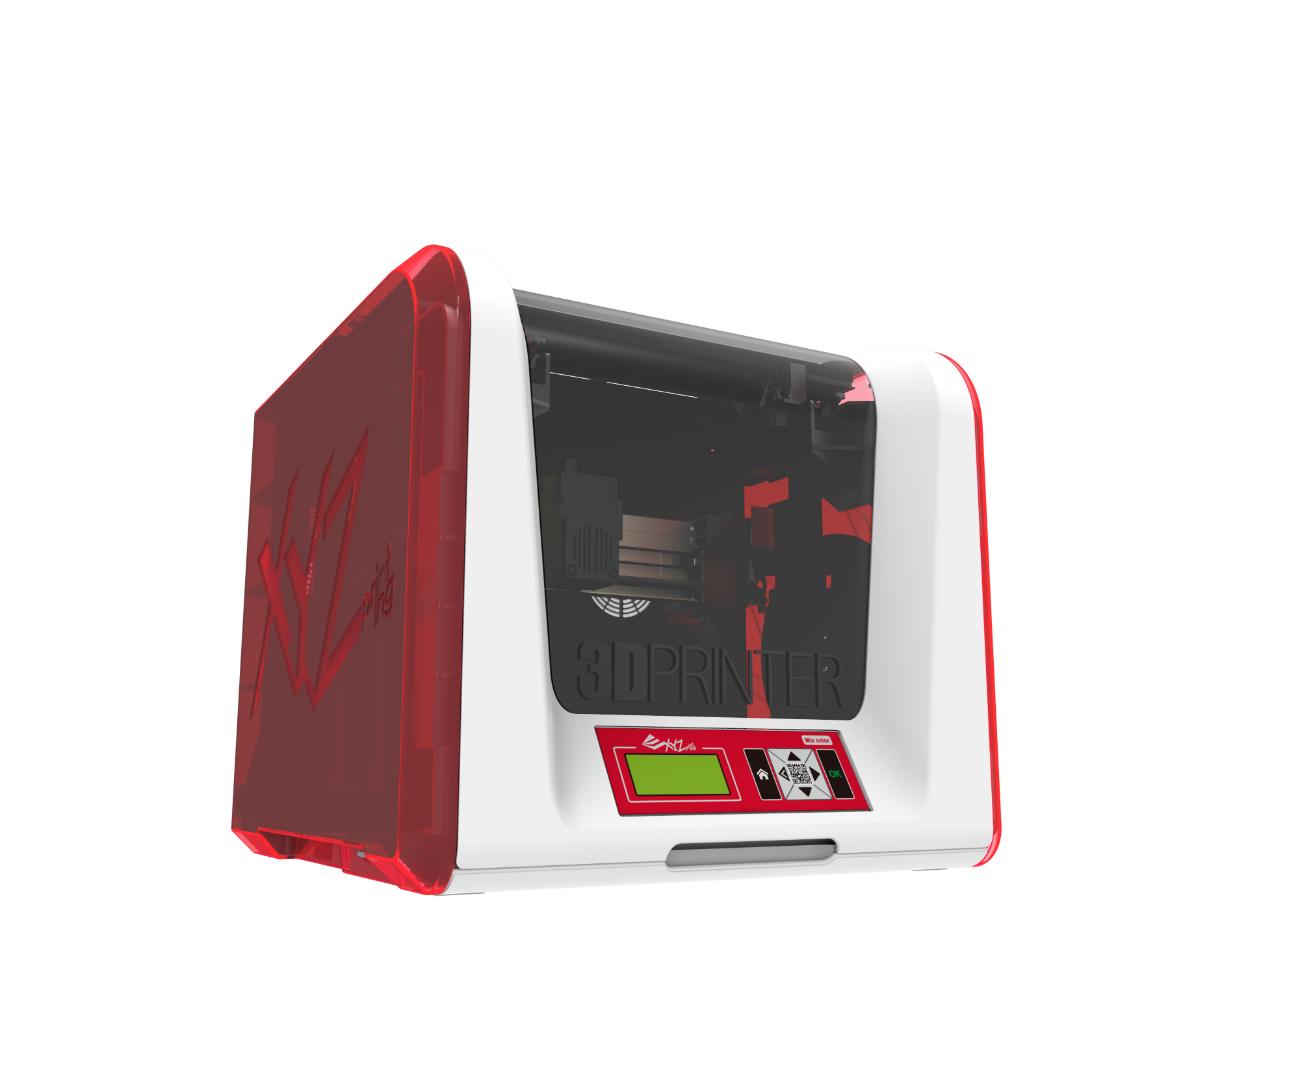 Όλα όσα ήθελες να μάθεις για τις 3D εκτυπώσεις και φοβόσουν να ρωτήσεις...